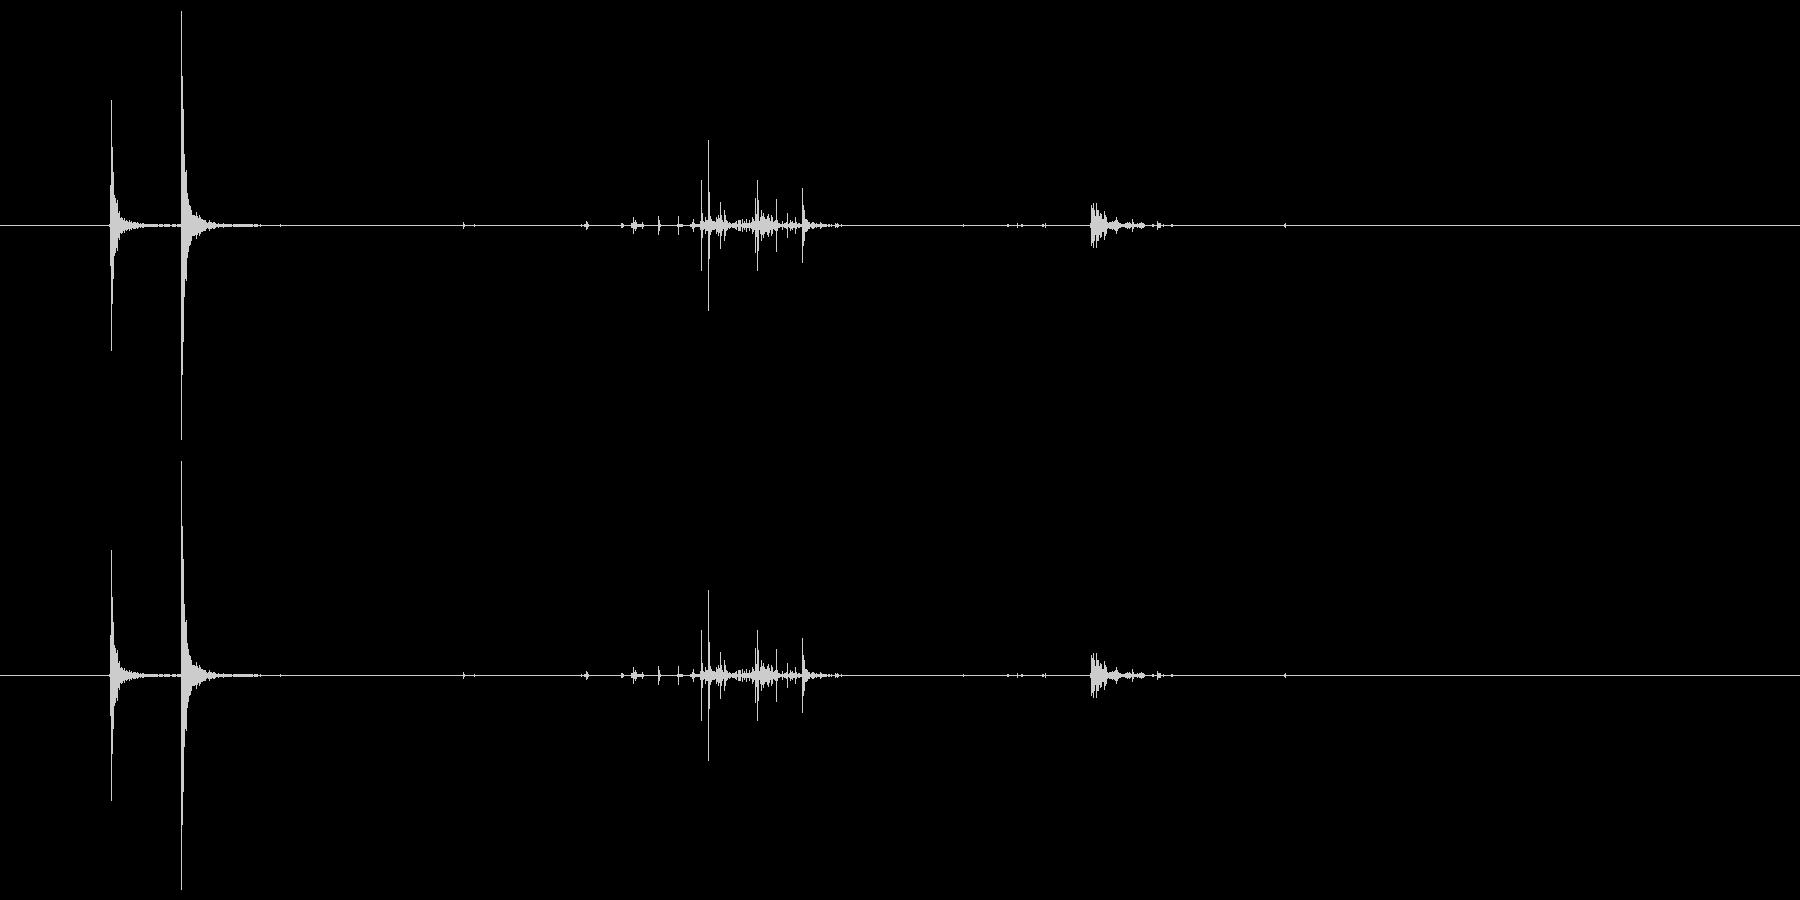 卵を割る音 録音 Crack Eggの未再生の波形